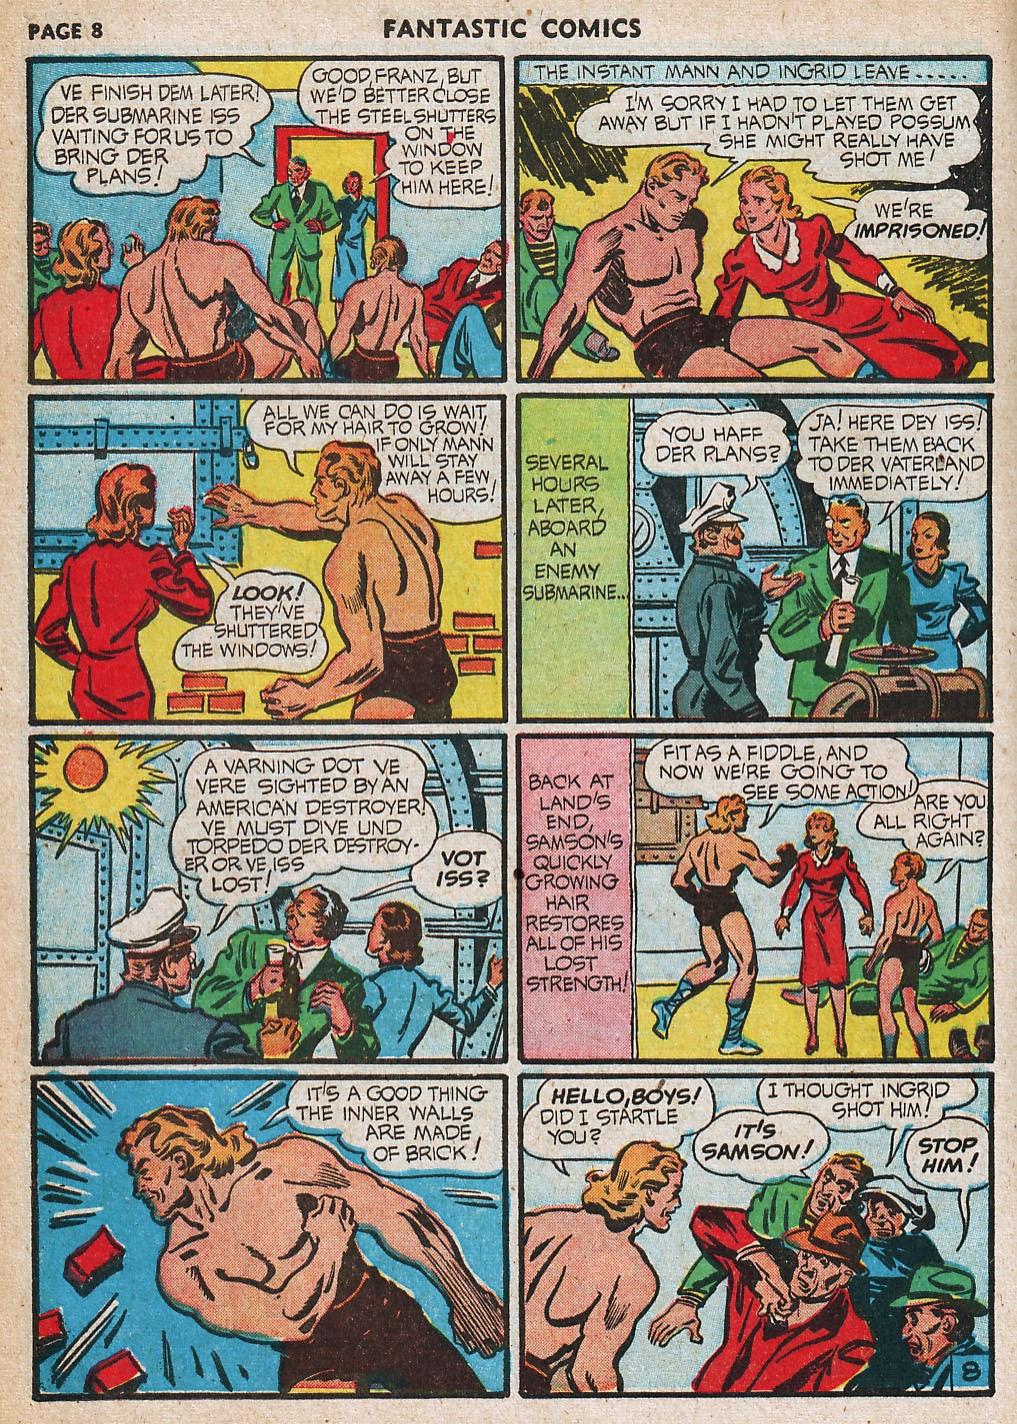 Read online Fantastic Comics comic -  Issue #20 - 9